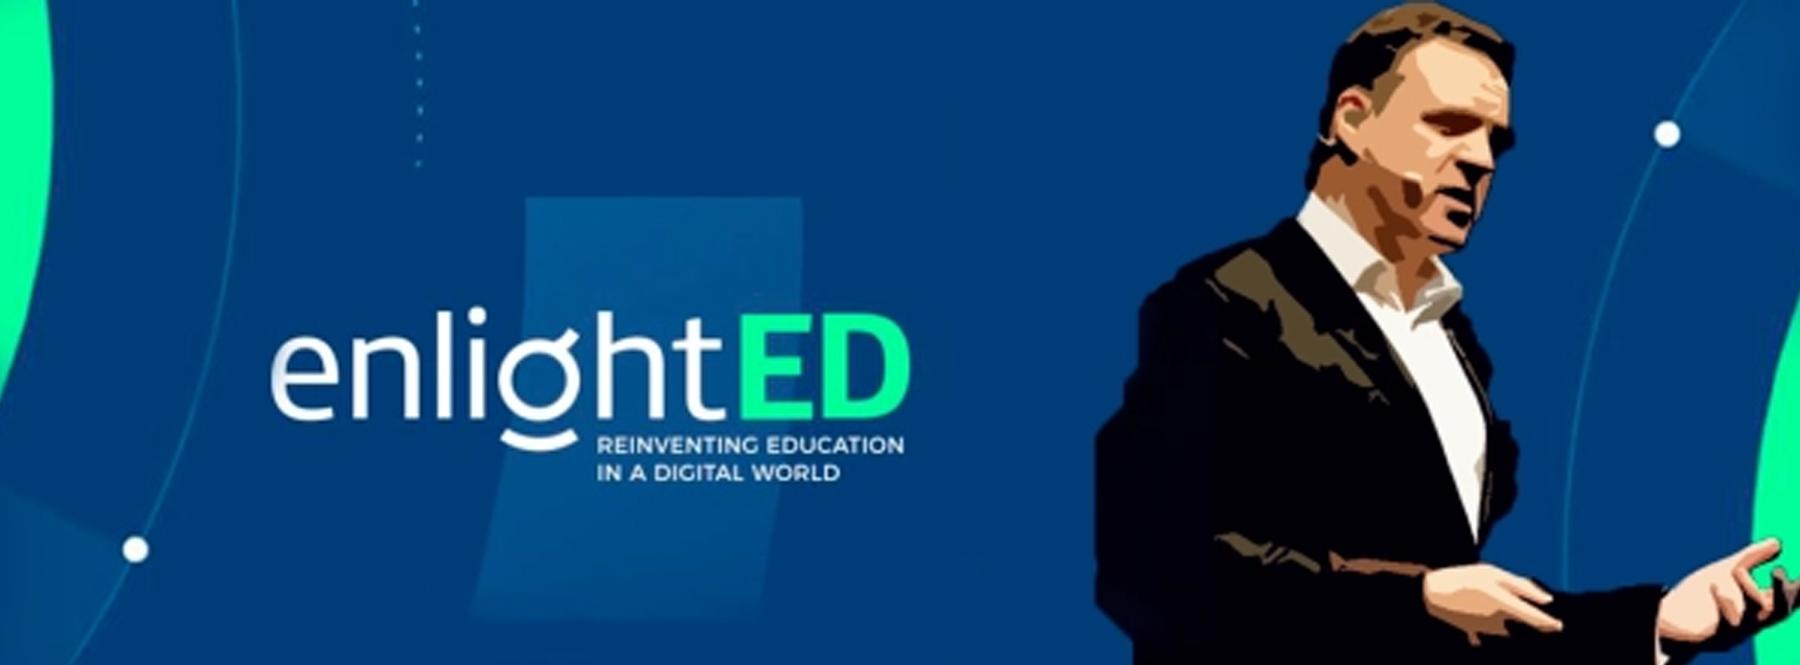 ¿Qué papel ocupan las TIC en la educación actual?